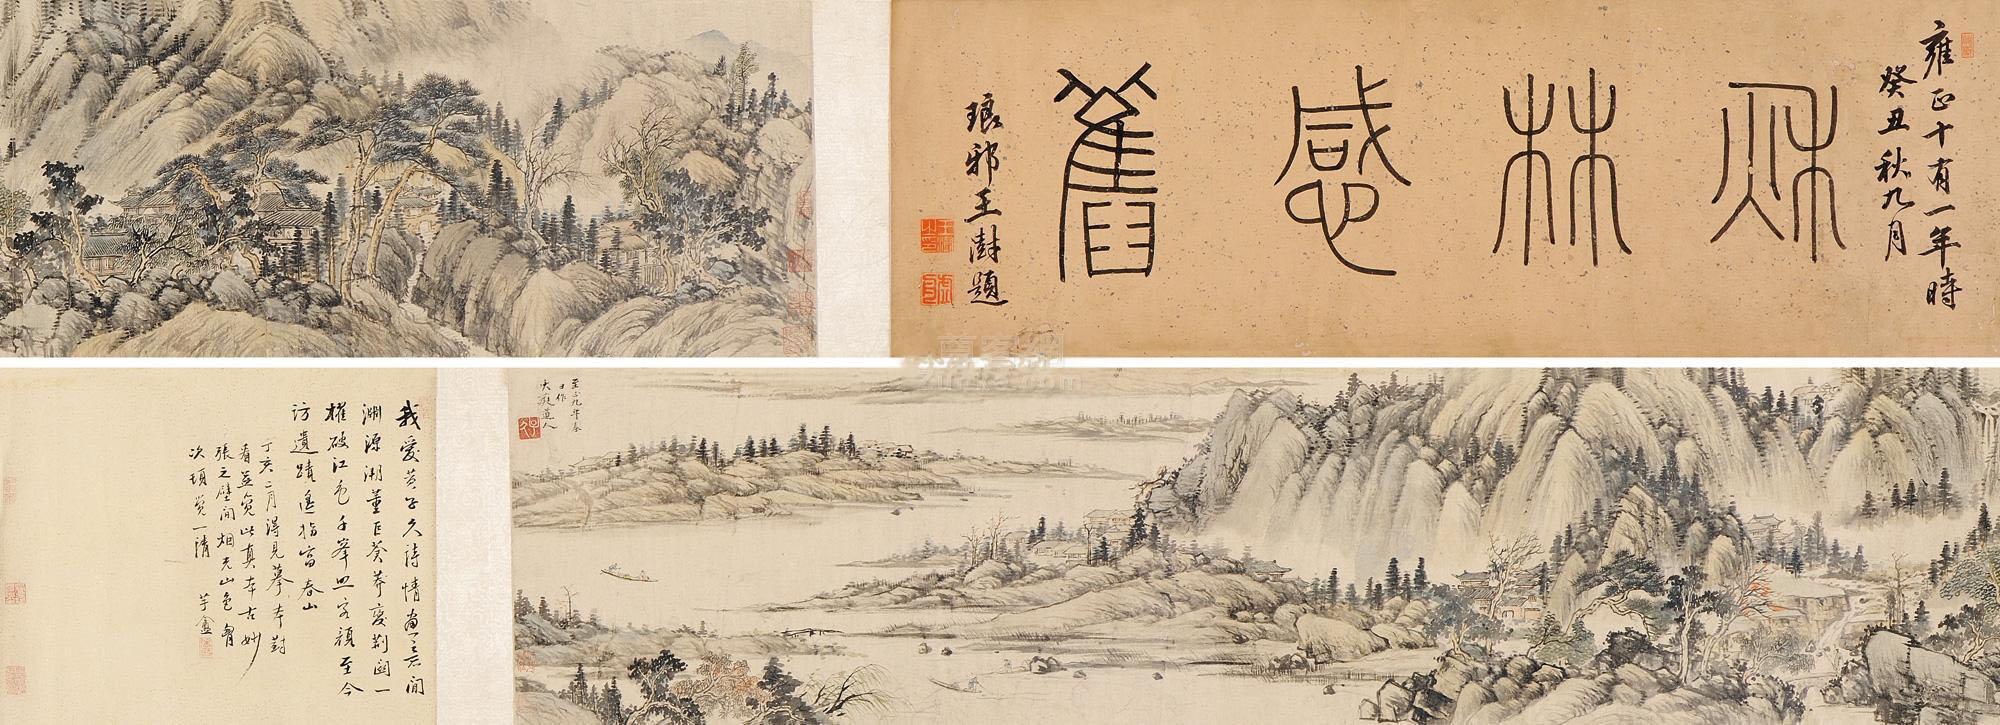 黄公望 秋林感旧图卷 手卷 设色纸本作品欣赏